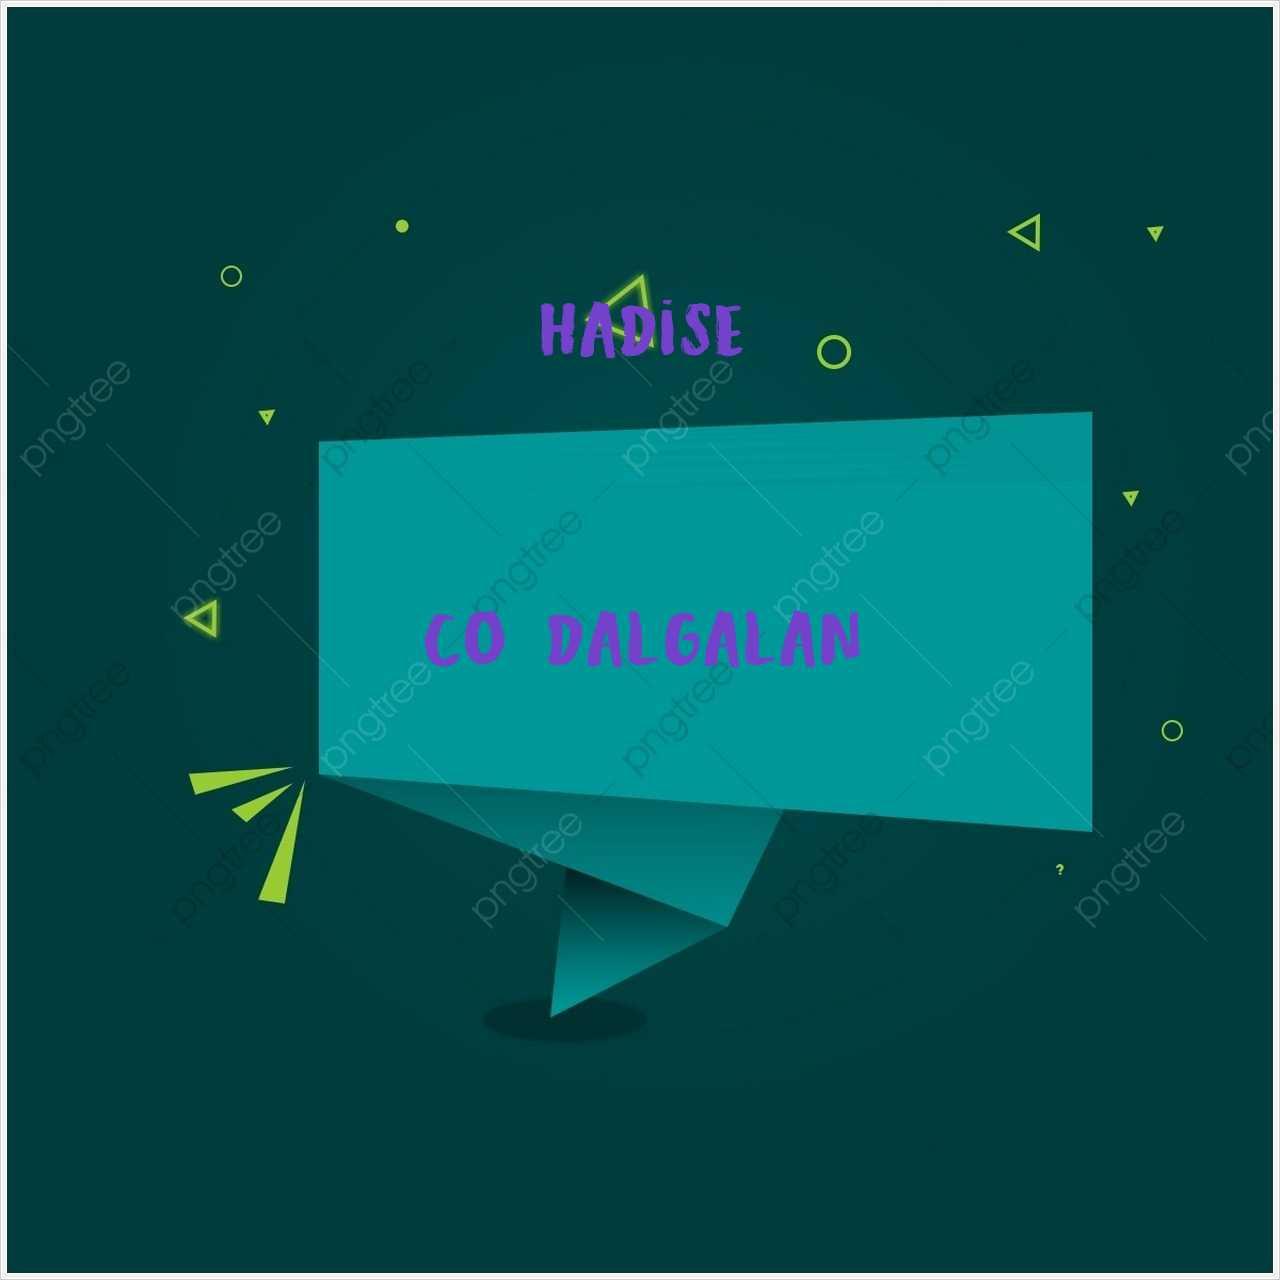 دانلود آهنگ جدید Hadise به نام Coş Dalgalan